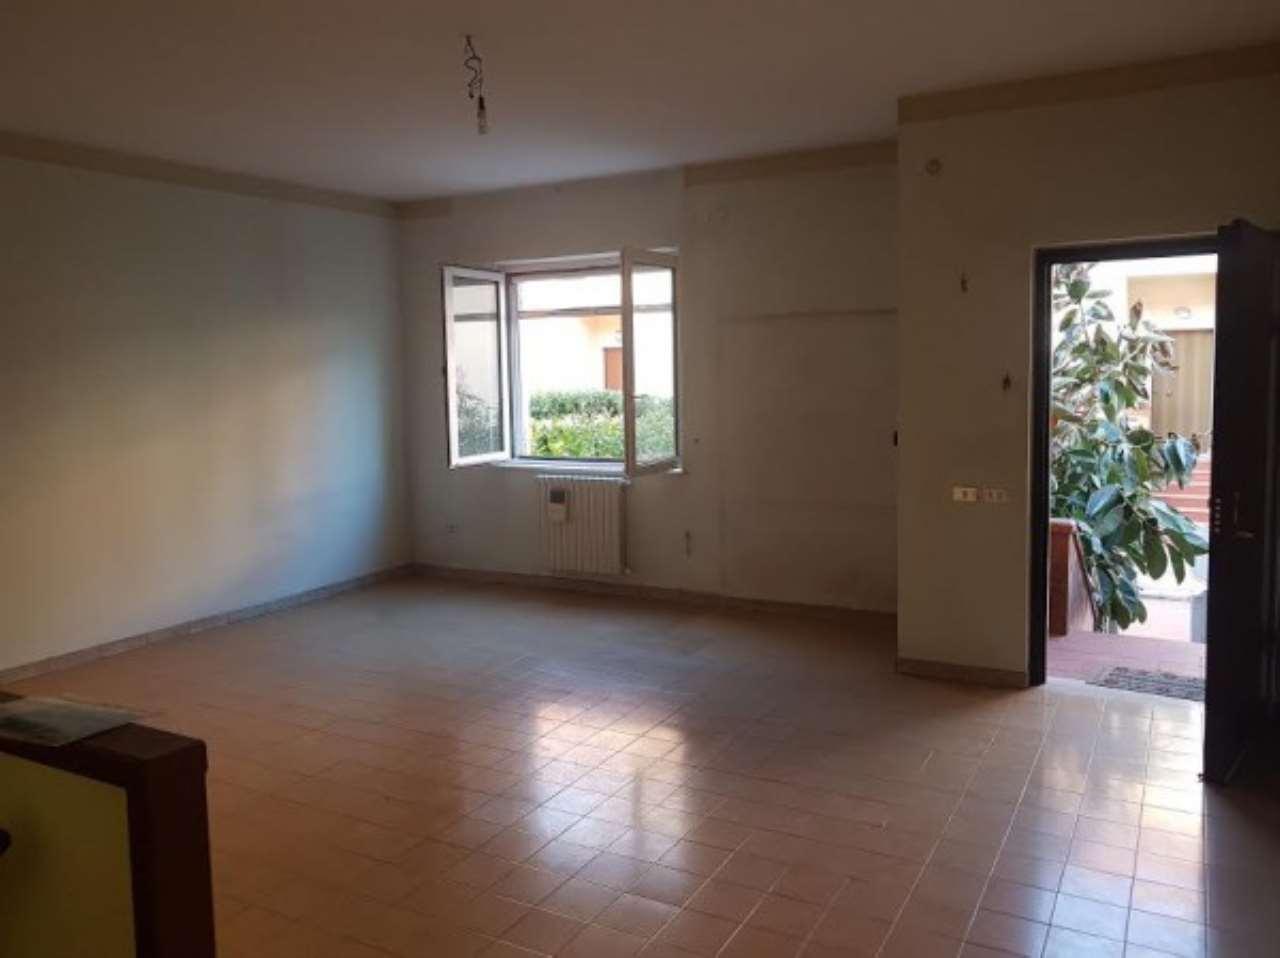 Villa in vendita a Nola, 6 locali, prezzo € 185.000 | CambioCasa.it